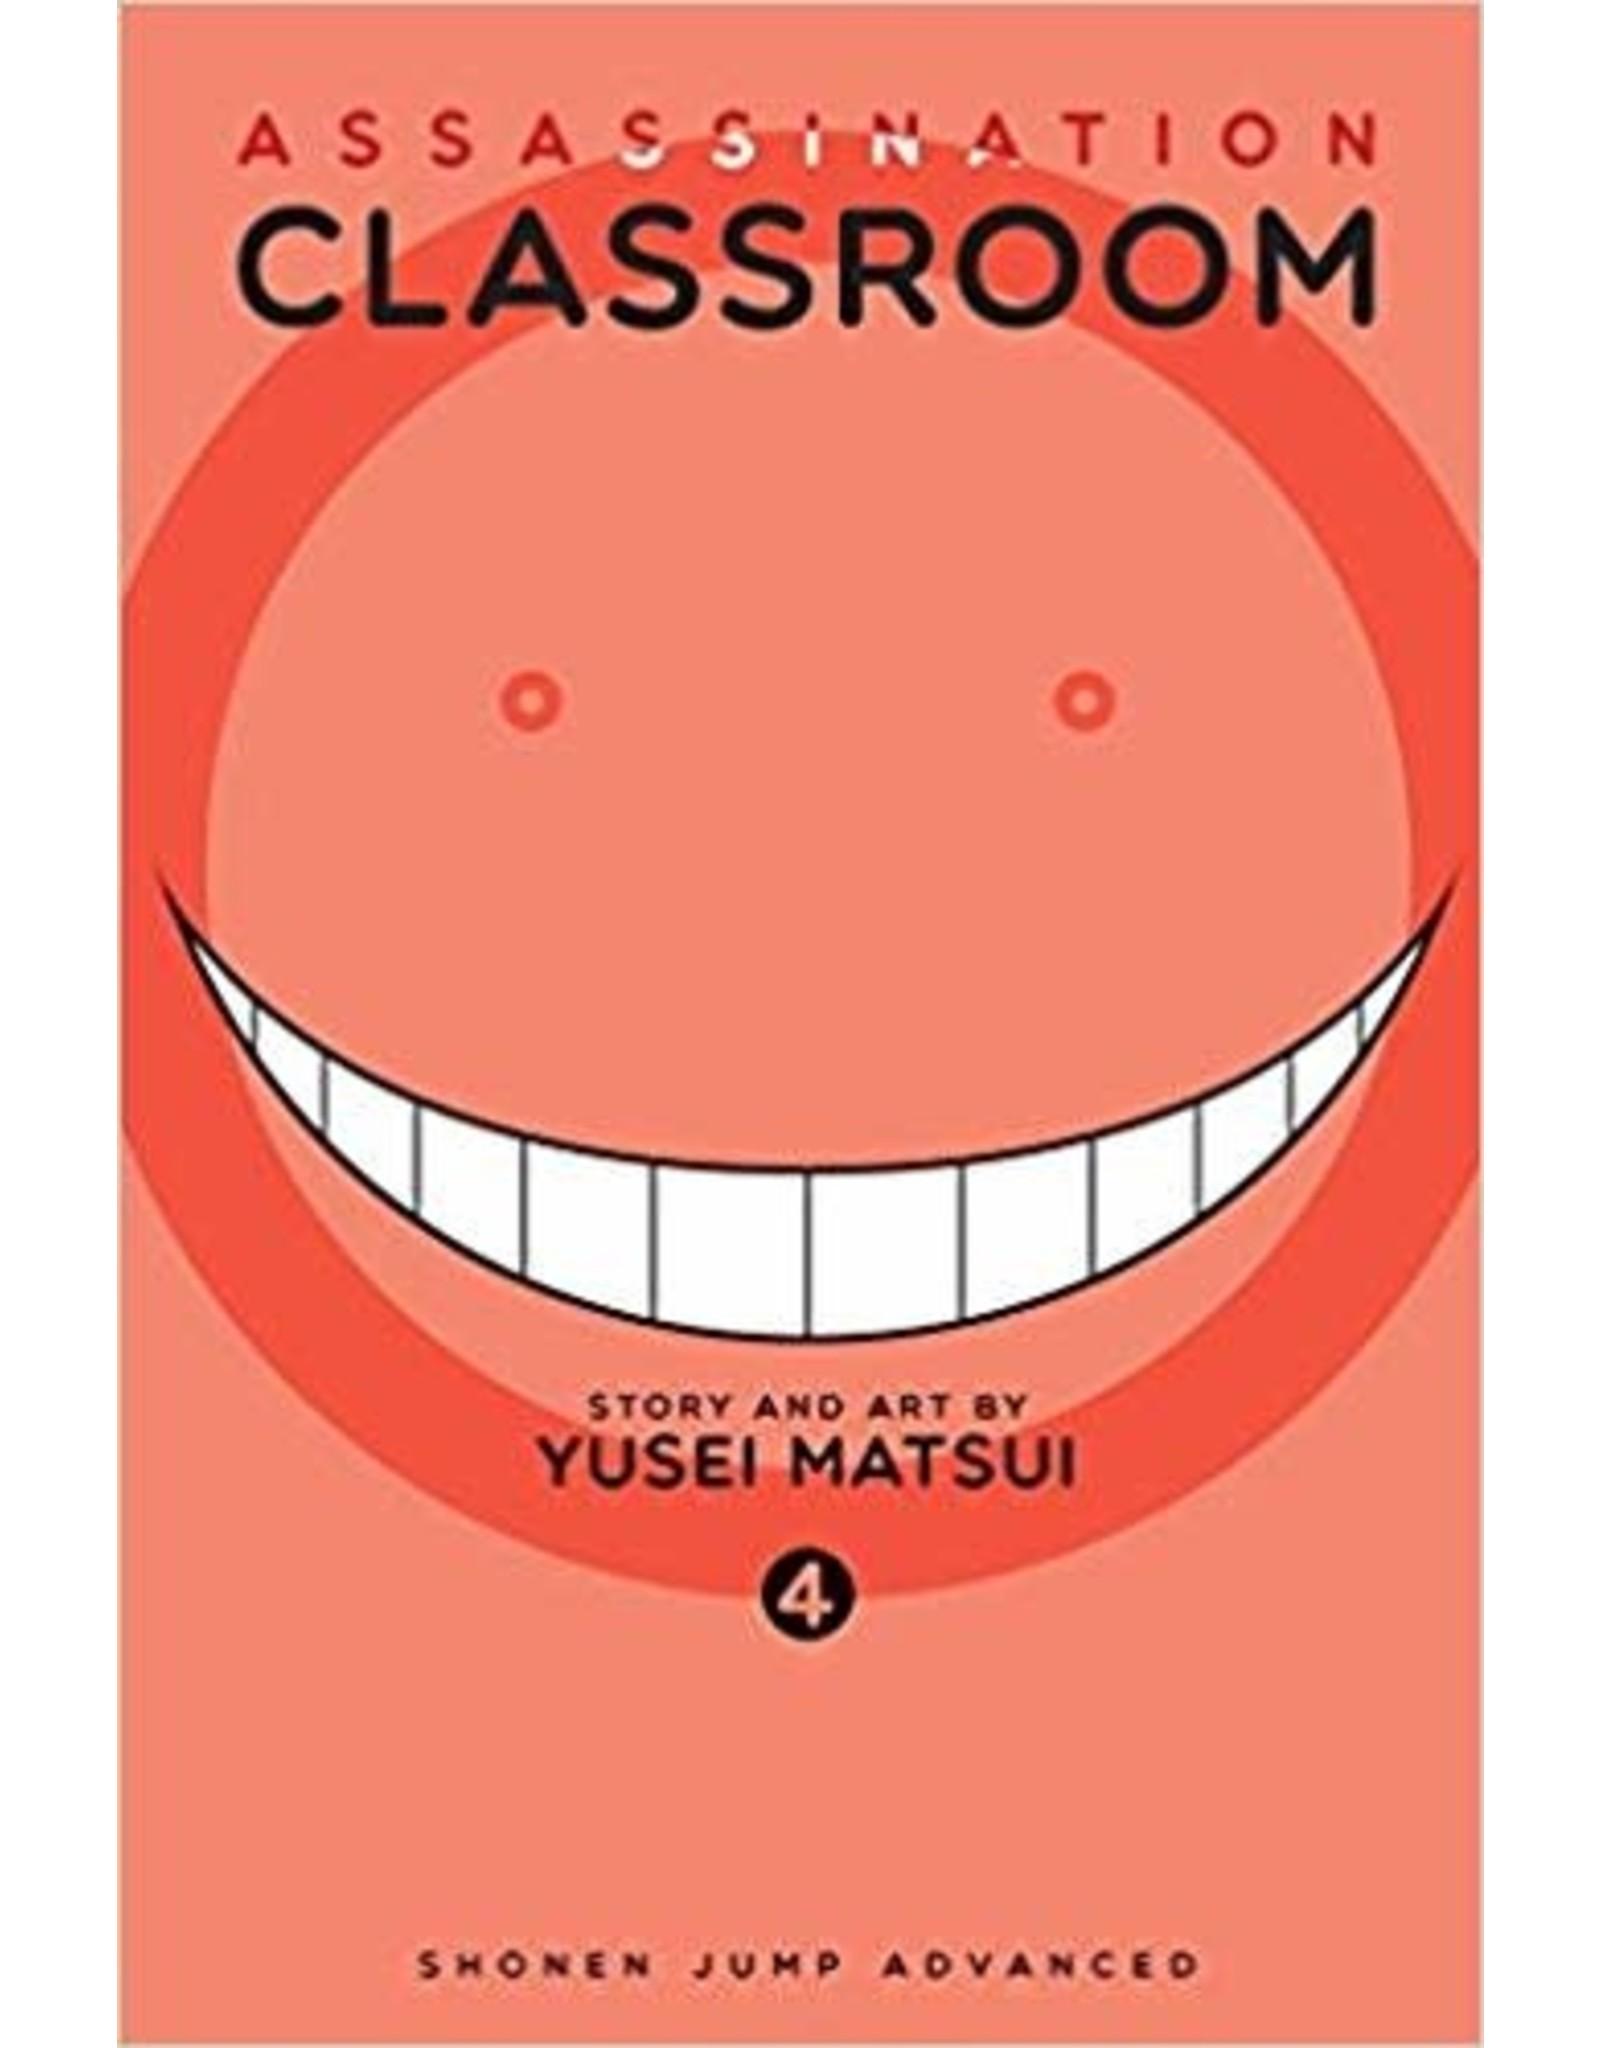 Assassination Classroom 4 (Engelstalig)